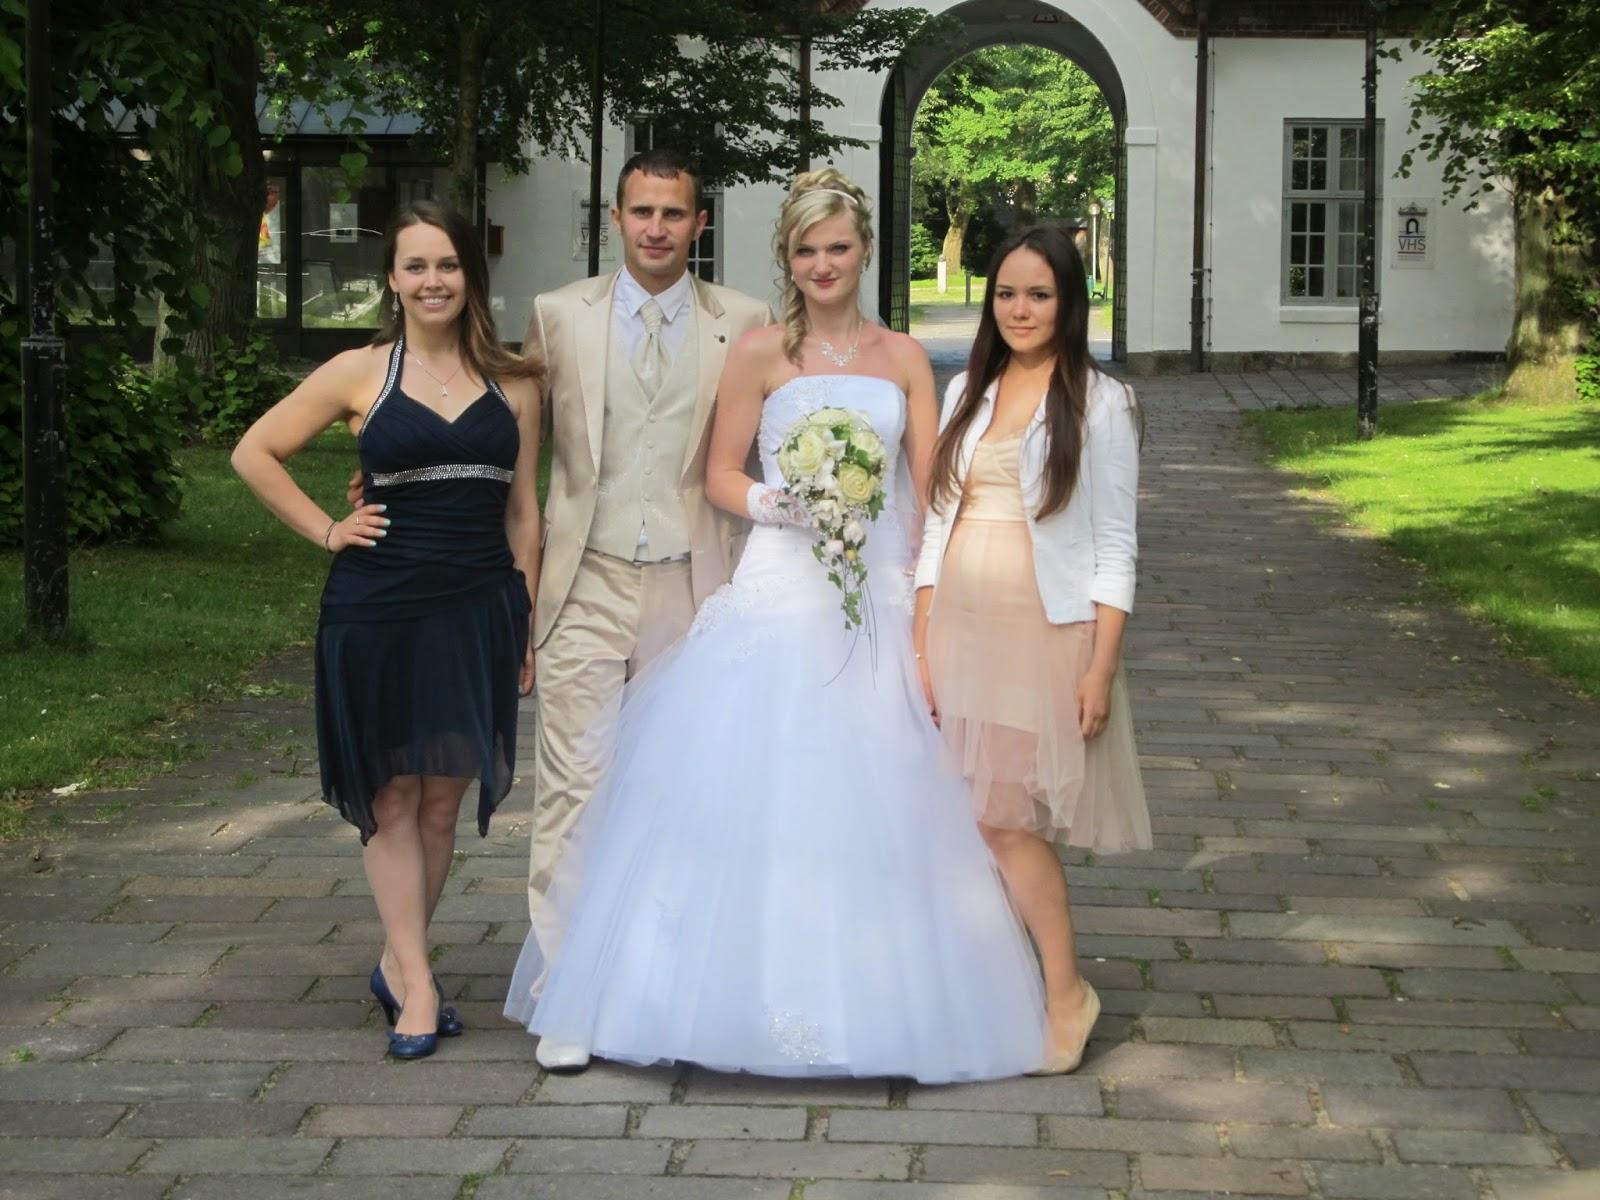 Nett Verkleiden Hochzeit Galerie - Brautkleider Ideen ...